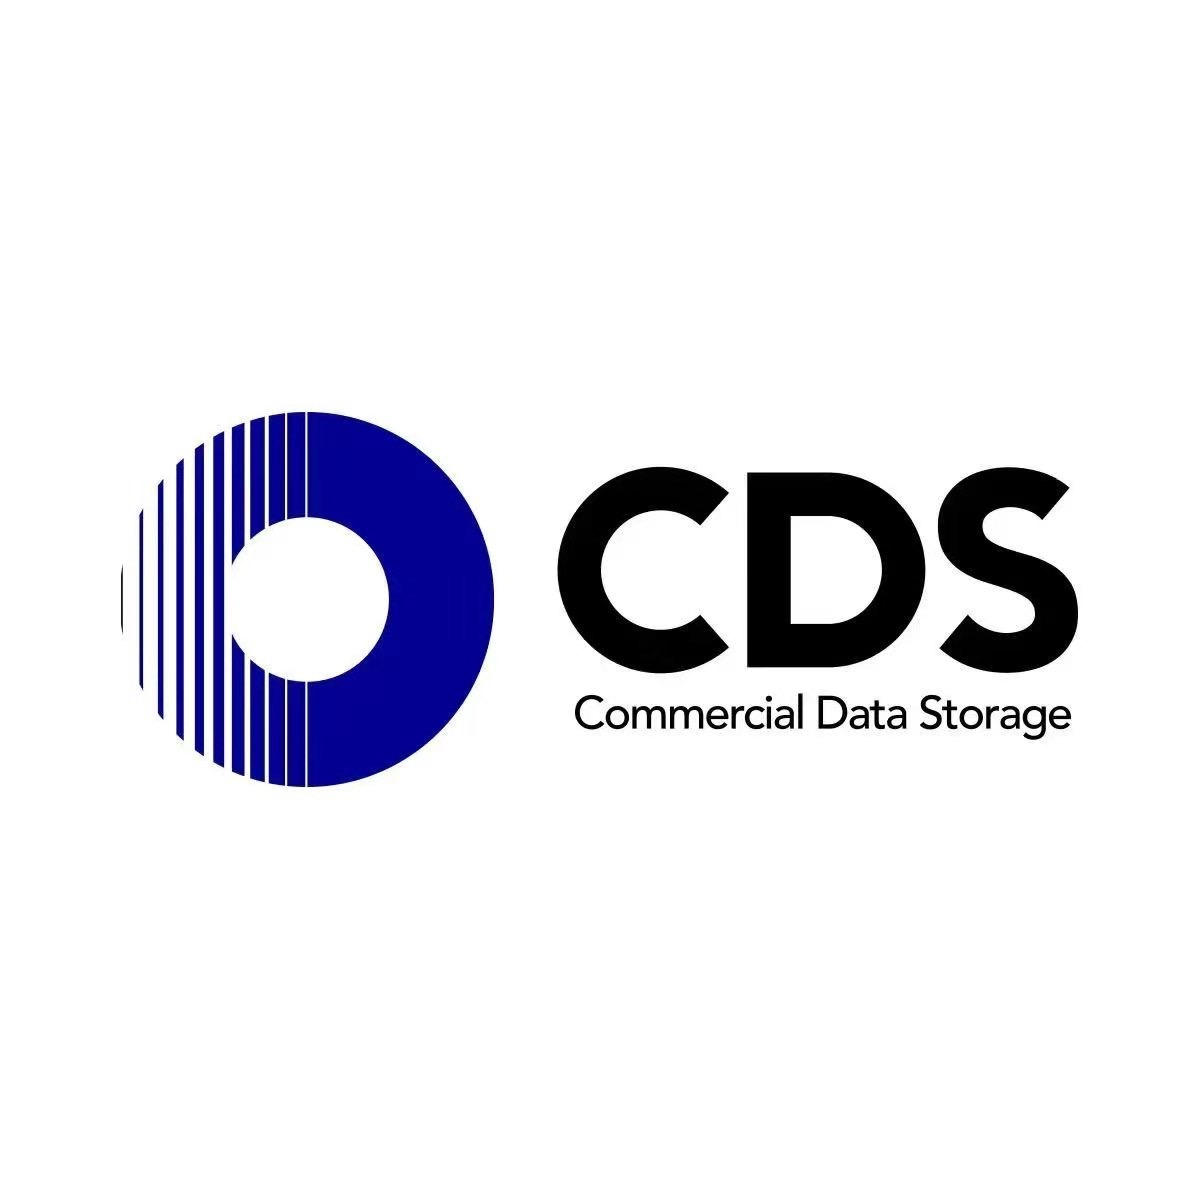 公链CDS通过美国SEC的STO申请外媒传播案例